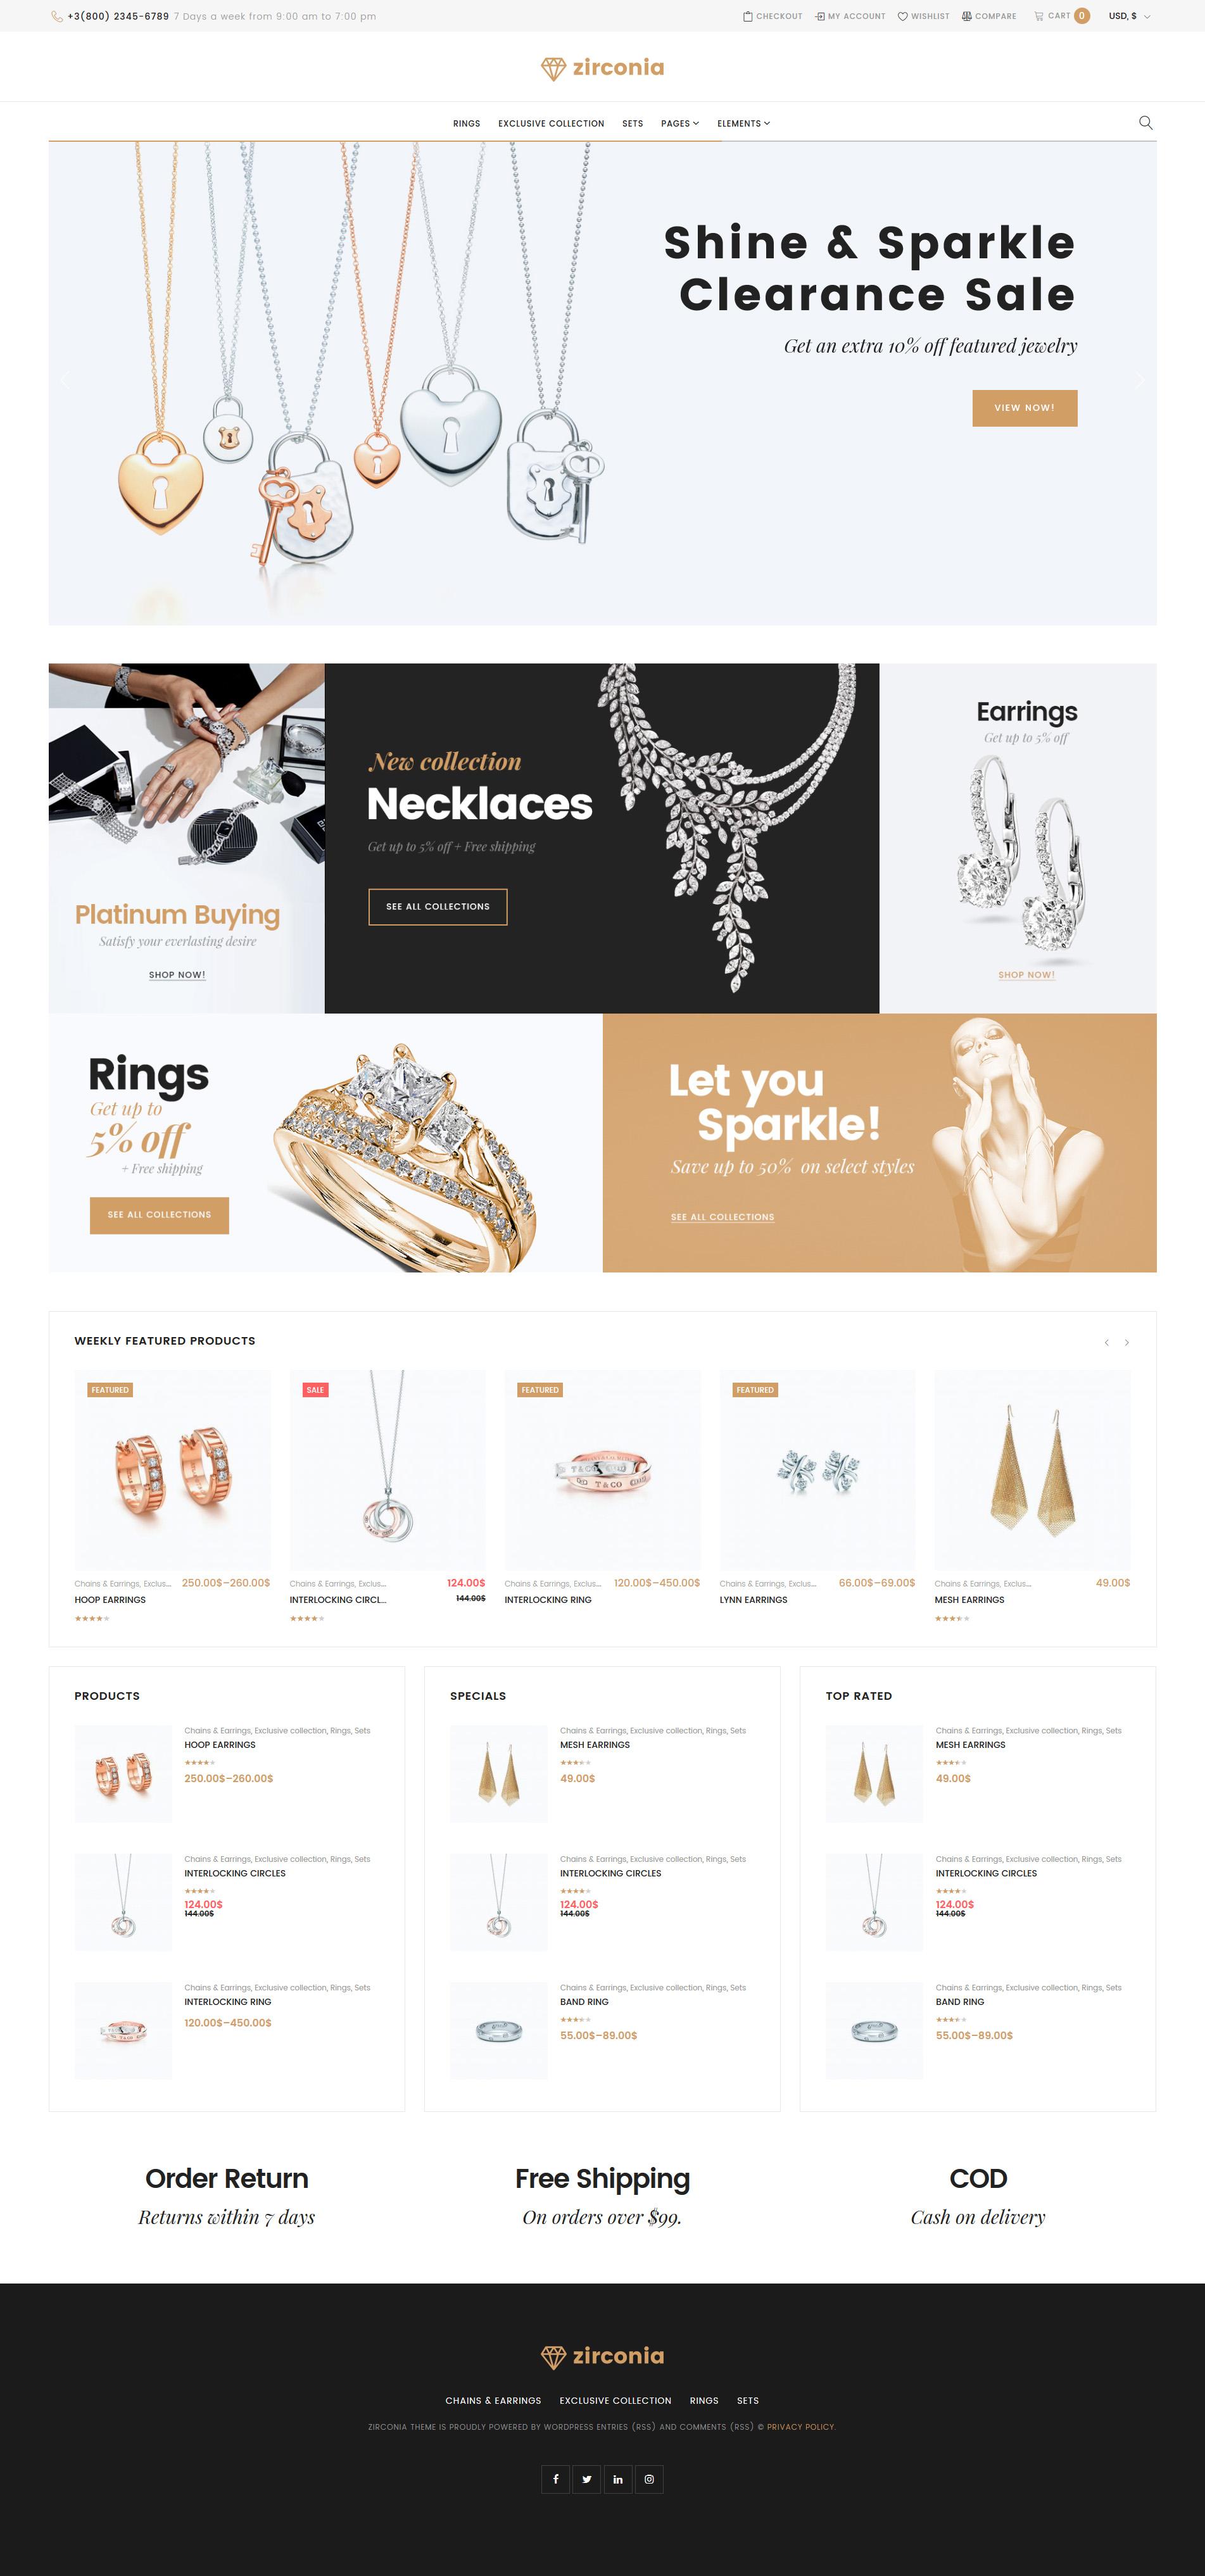 Responsywny motyw WooCommerce Zirconia - Jewelry & Accessories Store Responsive #58661 - zrzut ekranu